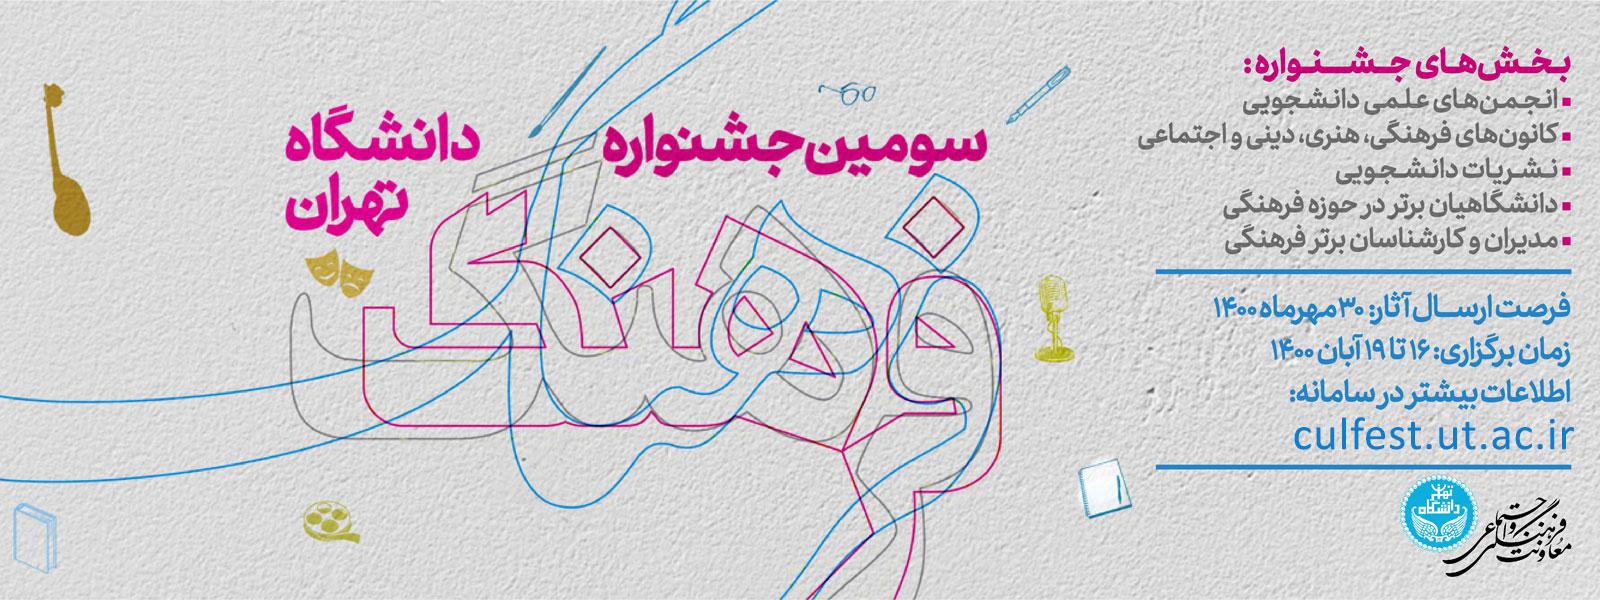 آغاز ارسال آثار به «سومین جشنواره فرهنگ دانشگاه تهران»